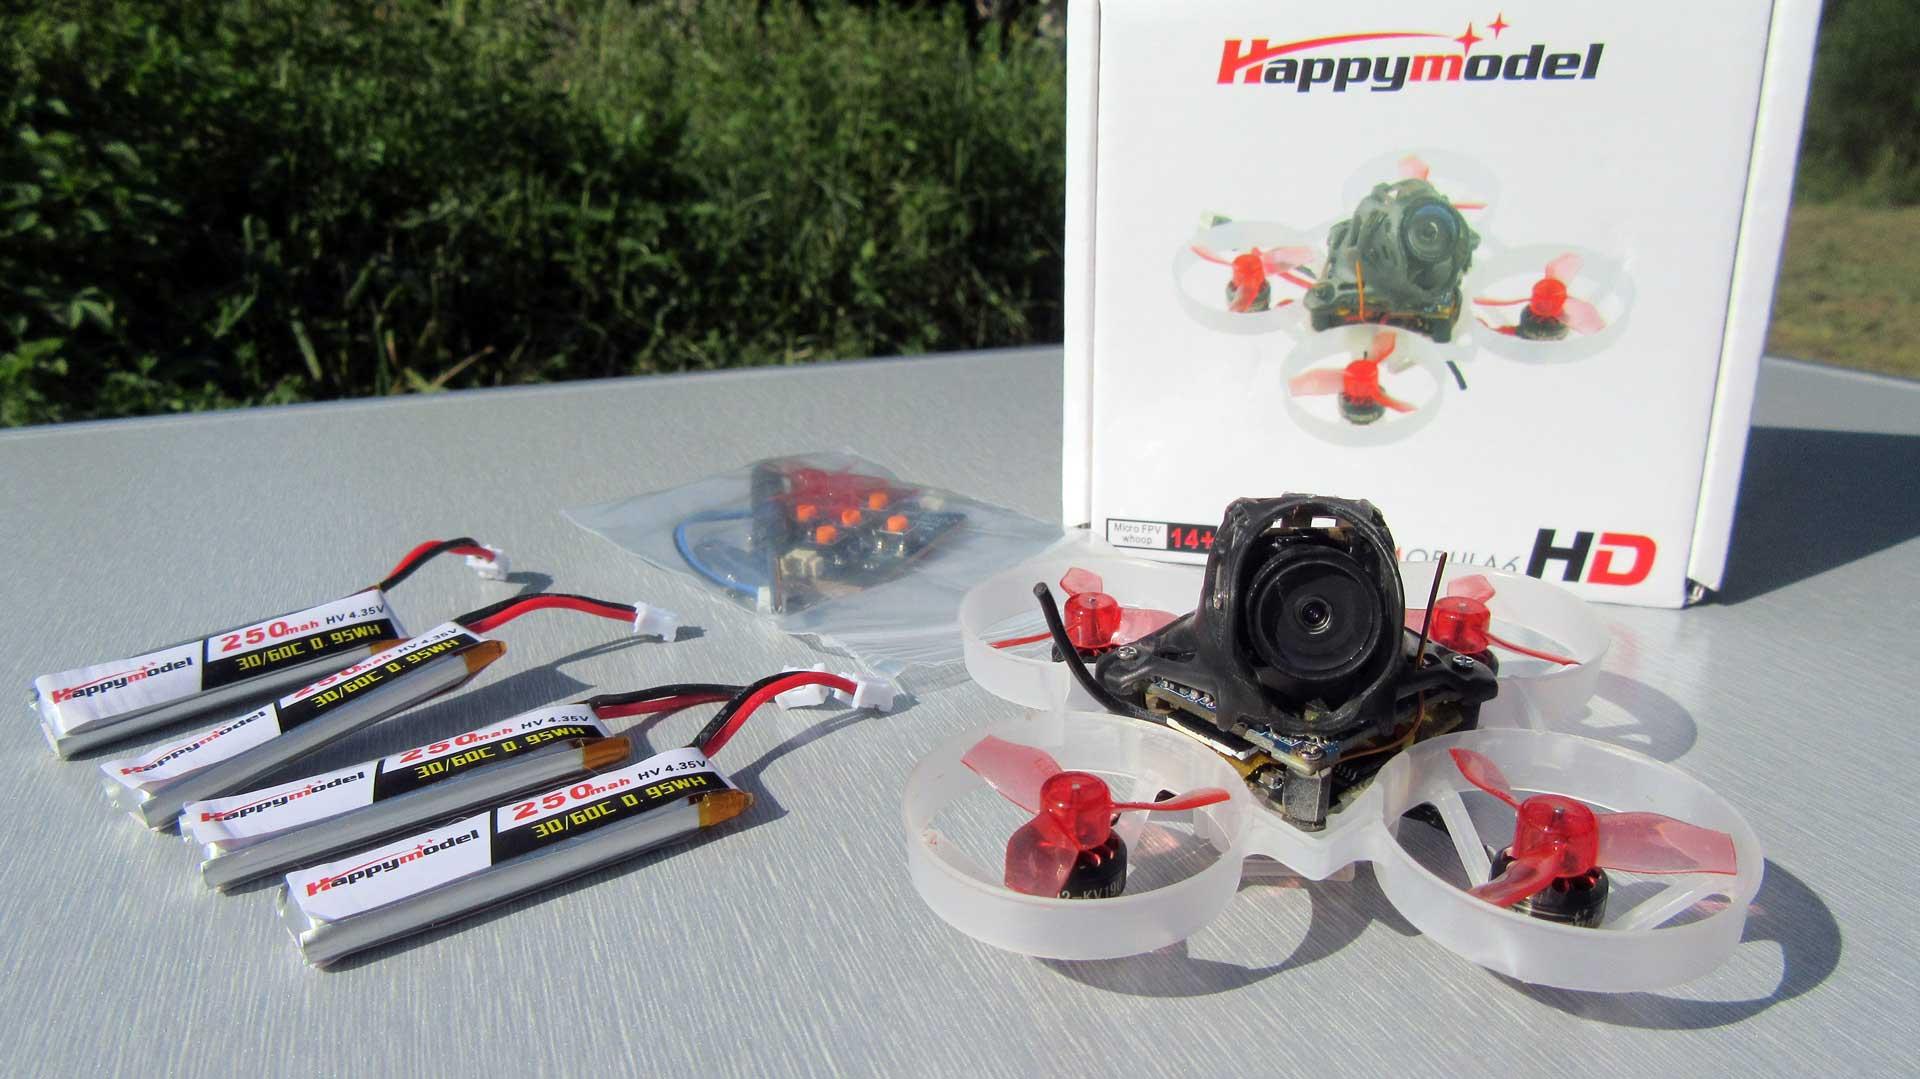 Happymodel Mobula6 HD drón teszt